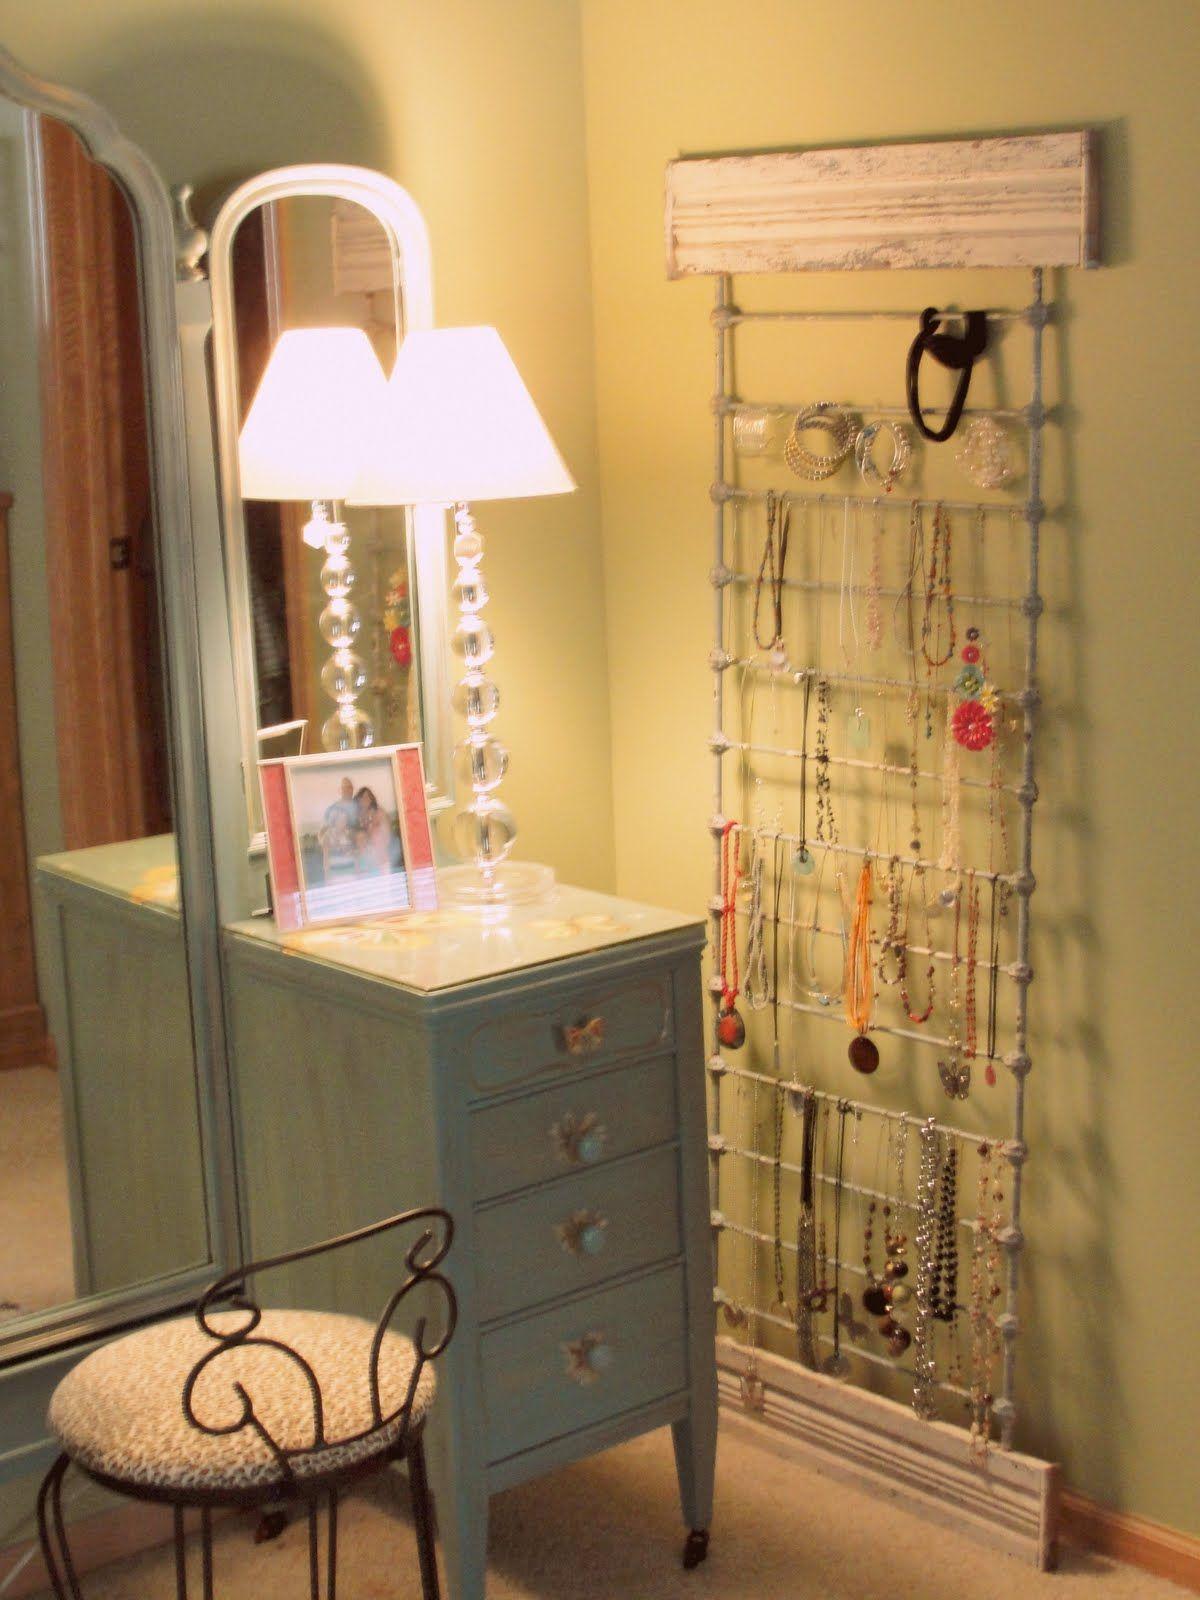 cute jewelry rack looks like a closet shelf turned on its end with